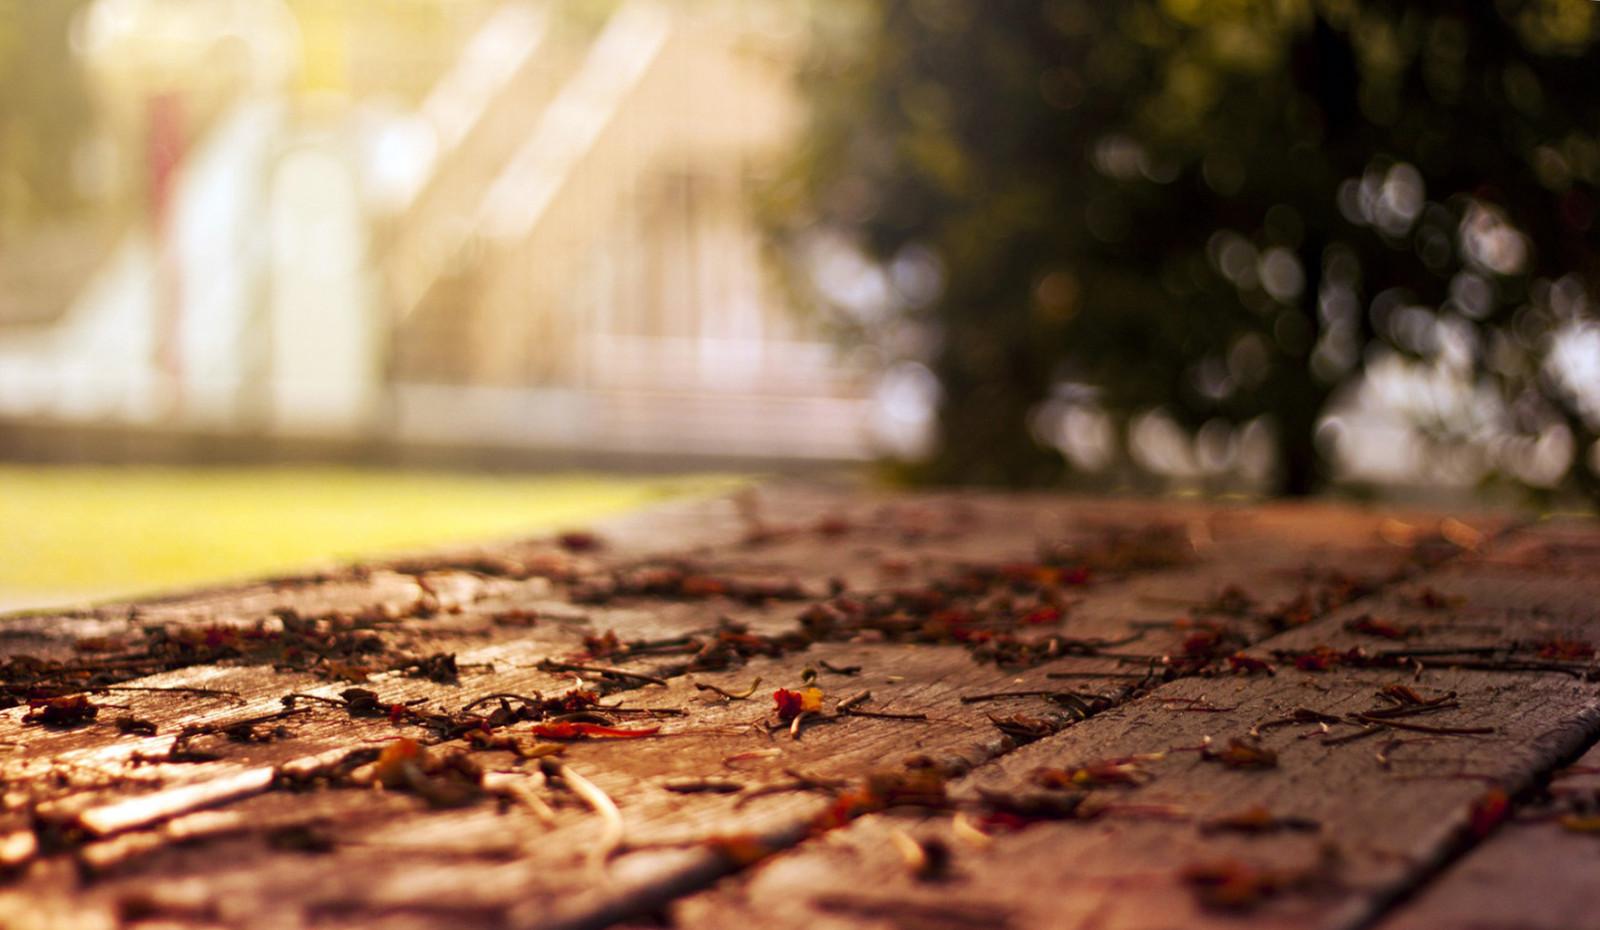 ... cỏ, Gỗ, các mùa, cây, Mùa thu, Lá, Phong cảnh, Cityscapes, Đất, Rụng lá, Hình nền mùa thu, 1764x1026 px, Hình ảnh thành phố, Hình ảnh tình yêu ...